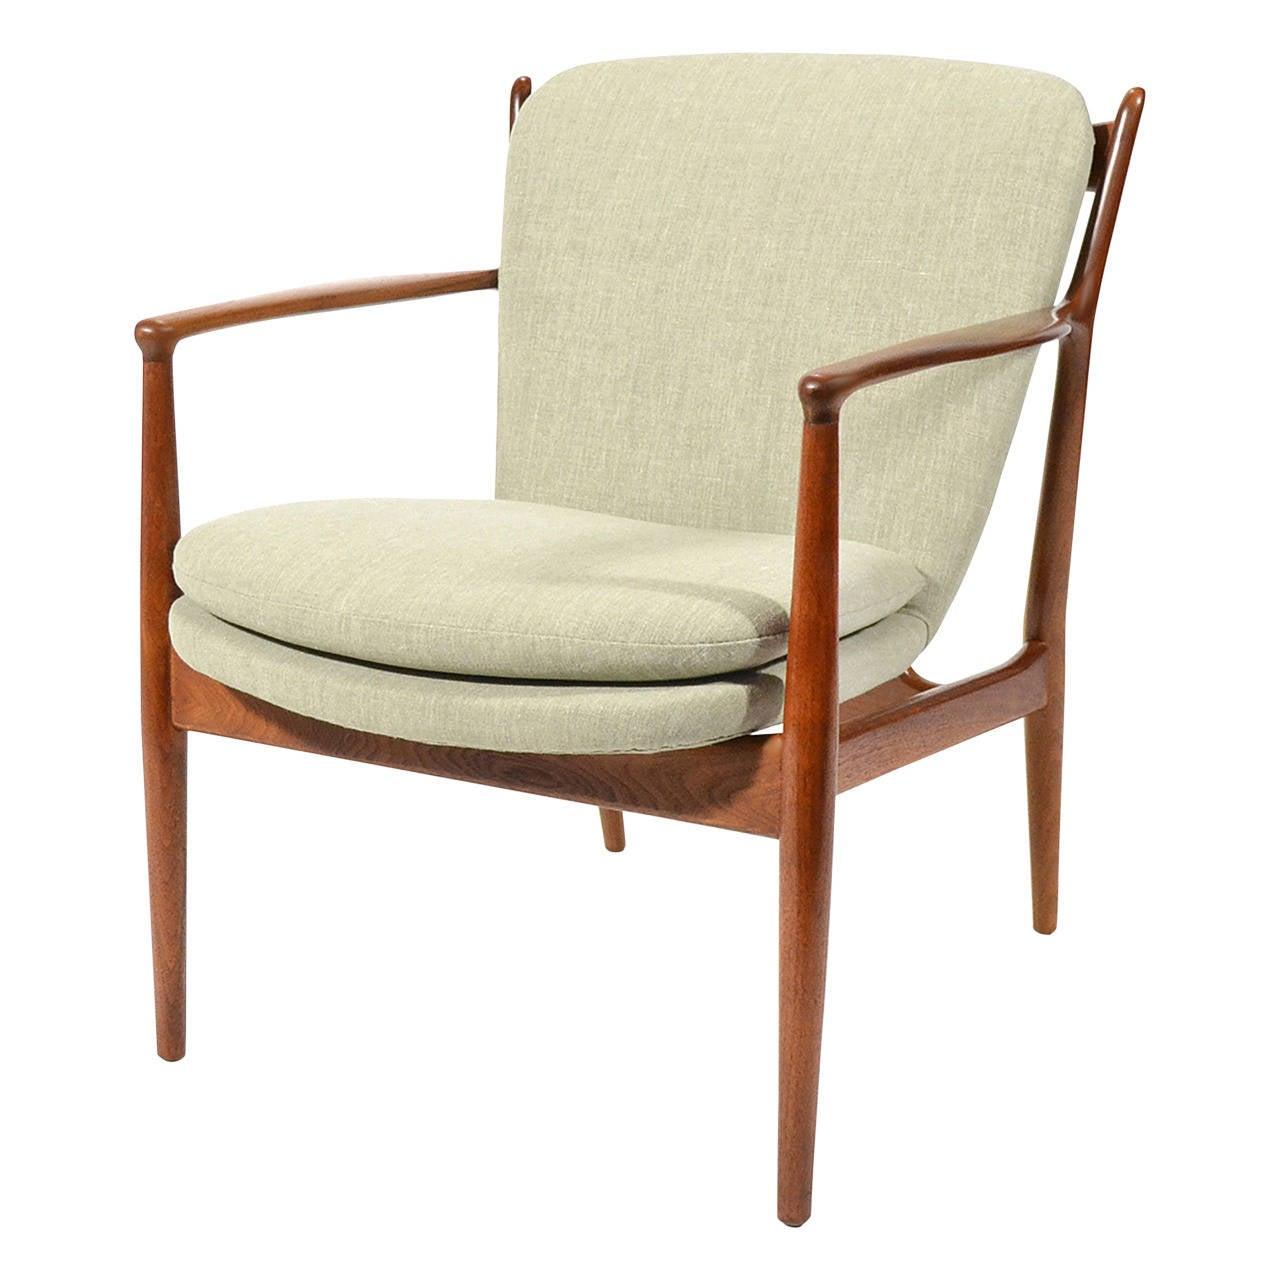 Finn Juhl Delegates Chair For Sale  sc 1 st  1stDibs & Finn Juhl Delegates Chair For Sale at 1stdibs